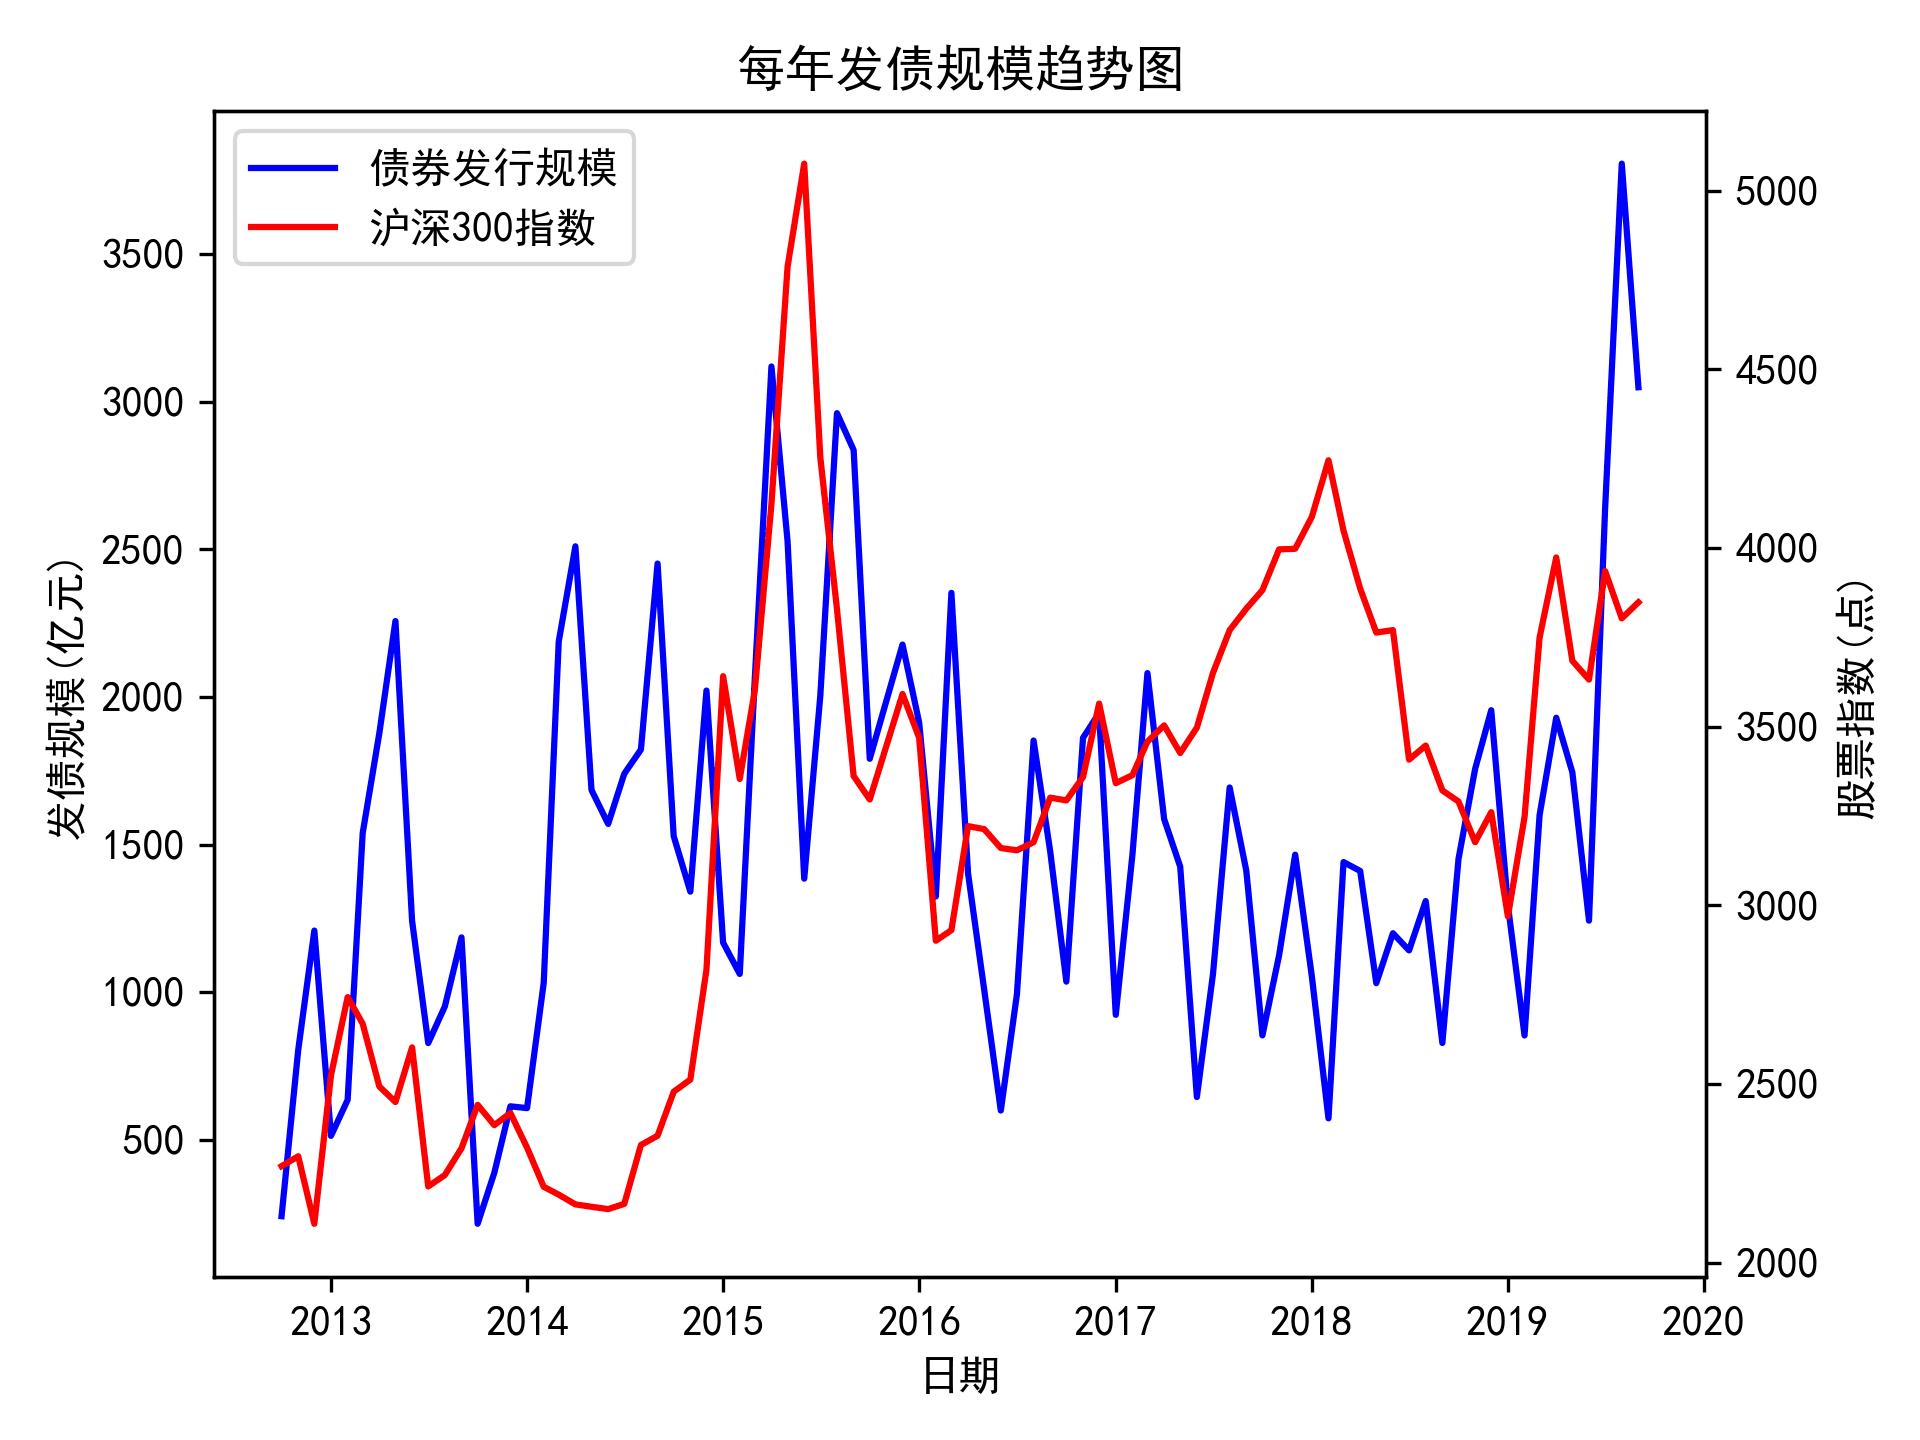 https://jfds-1252952517.cos.ap-chengdu.myqcloud.com/akshare/readme/index/bond_stock_index.png